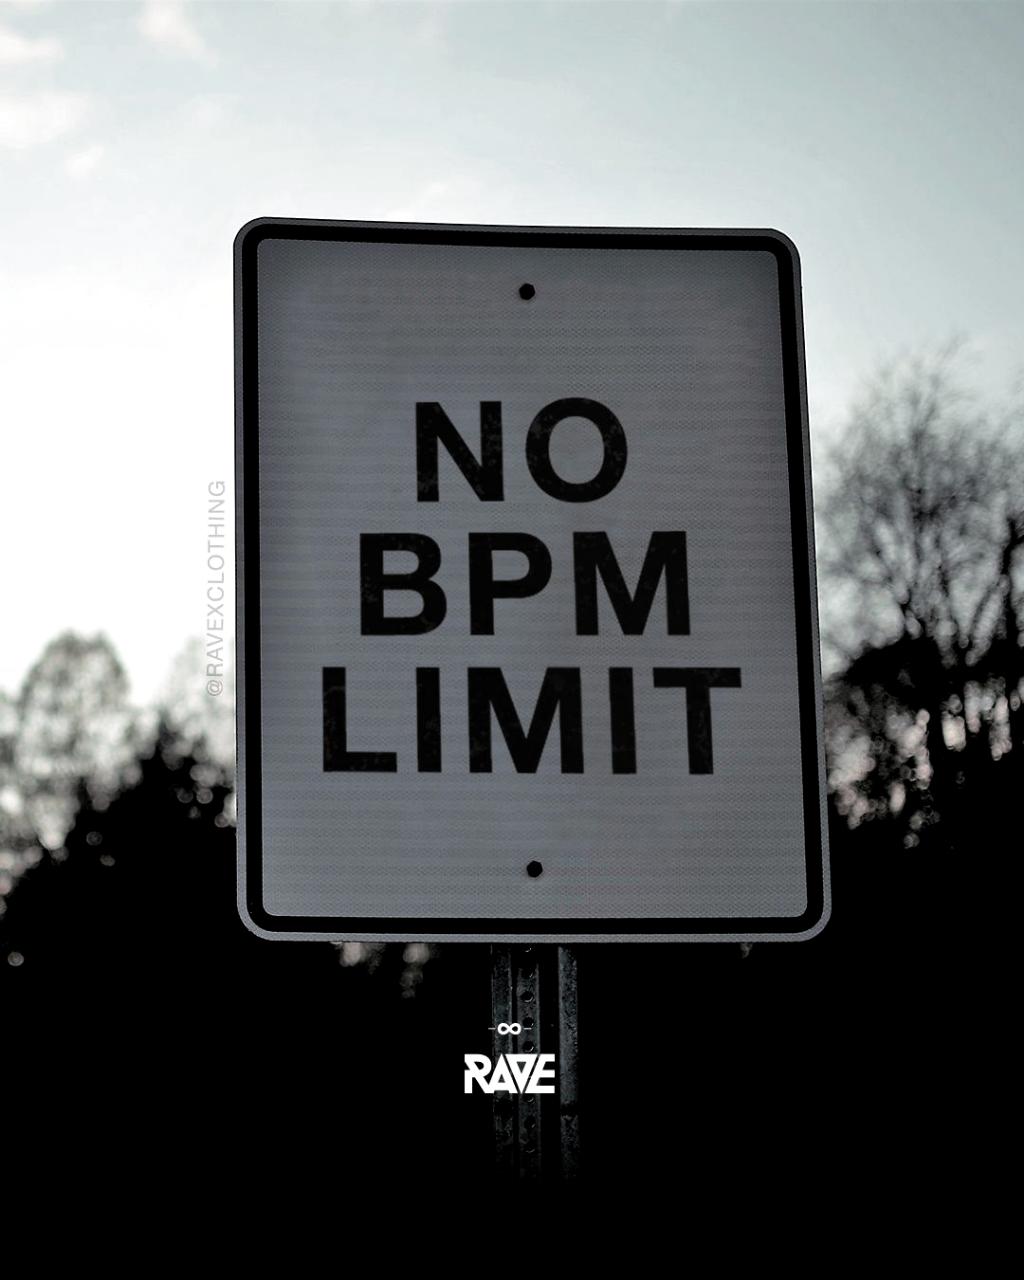 Saturday No Bpm Limit Techno Quotes Trance Music Techno Music